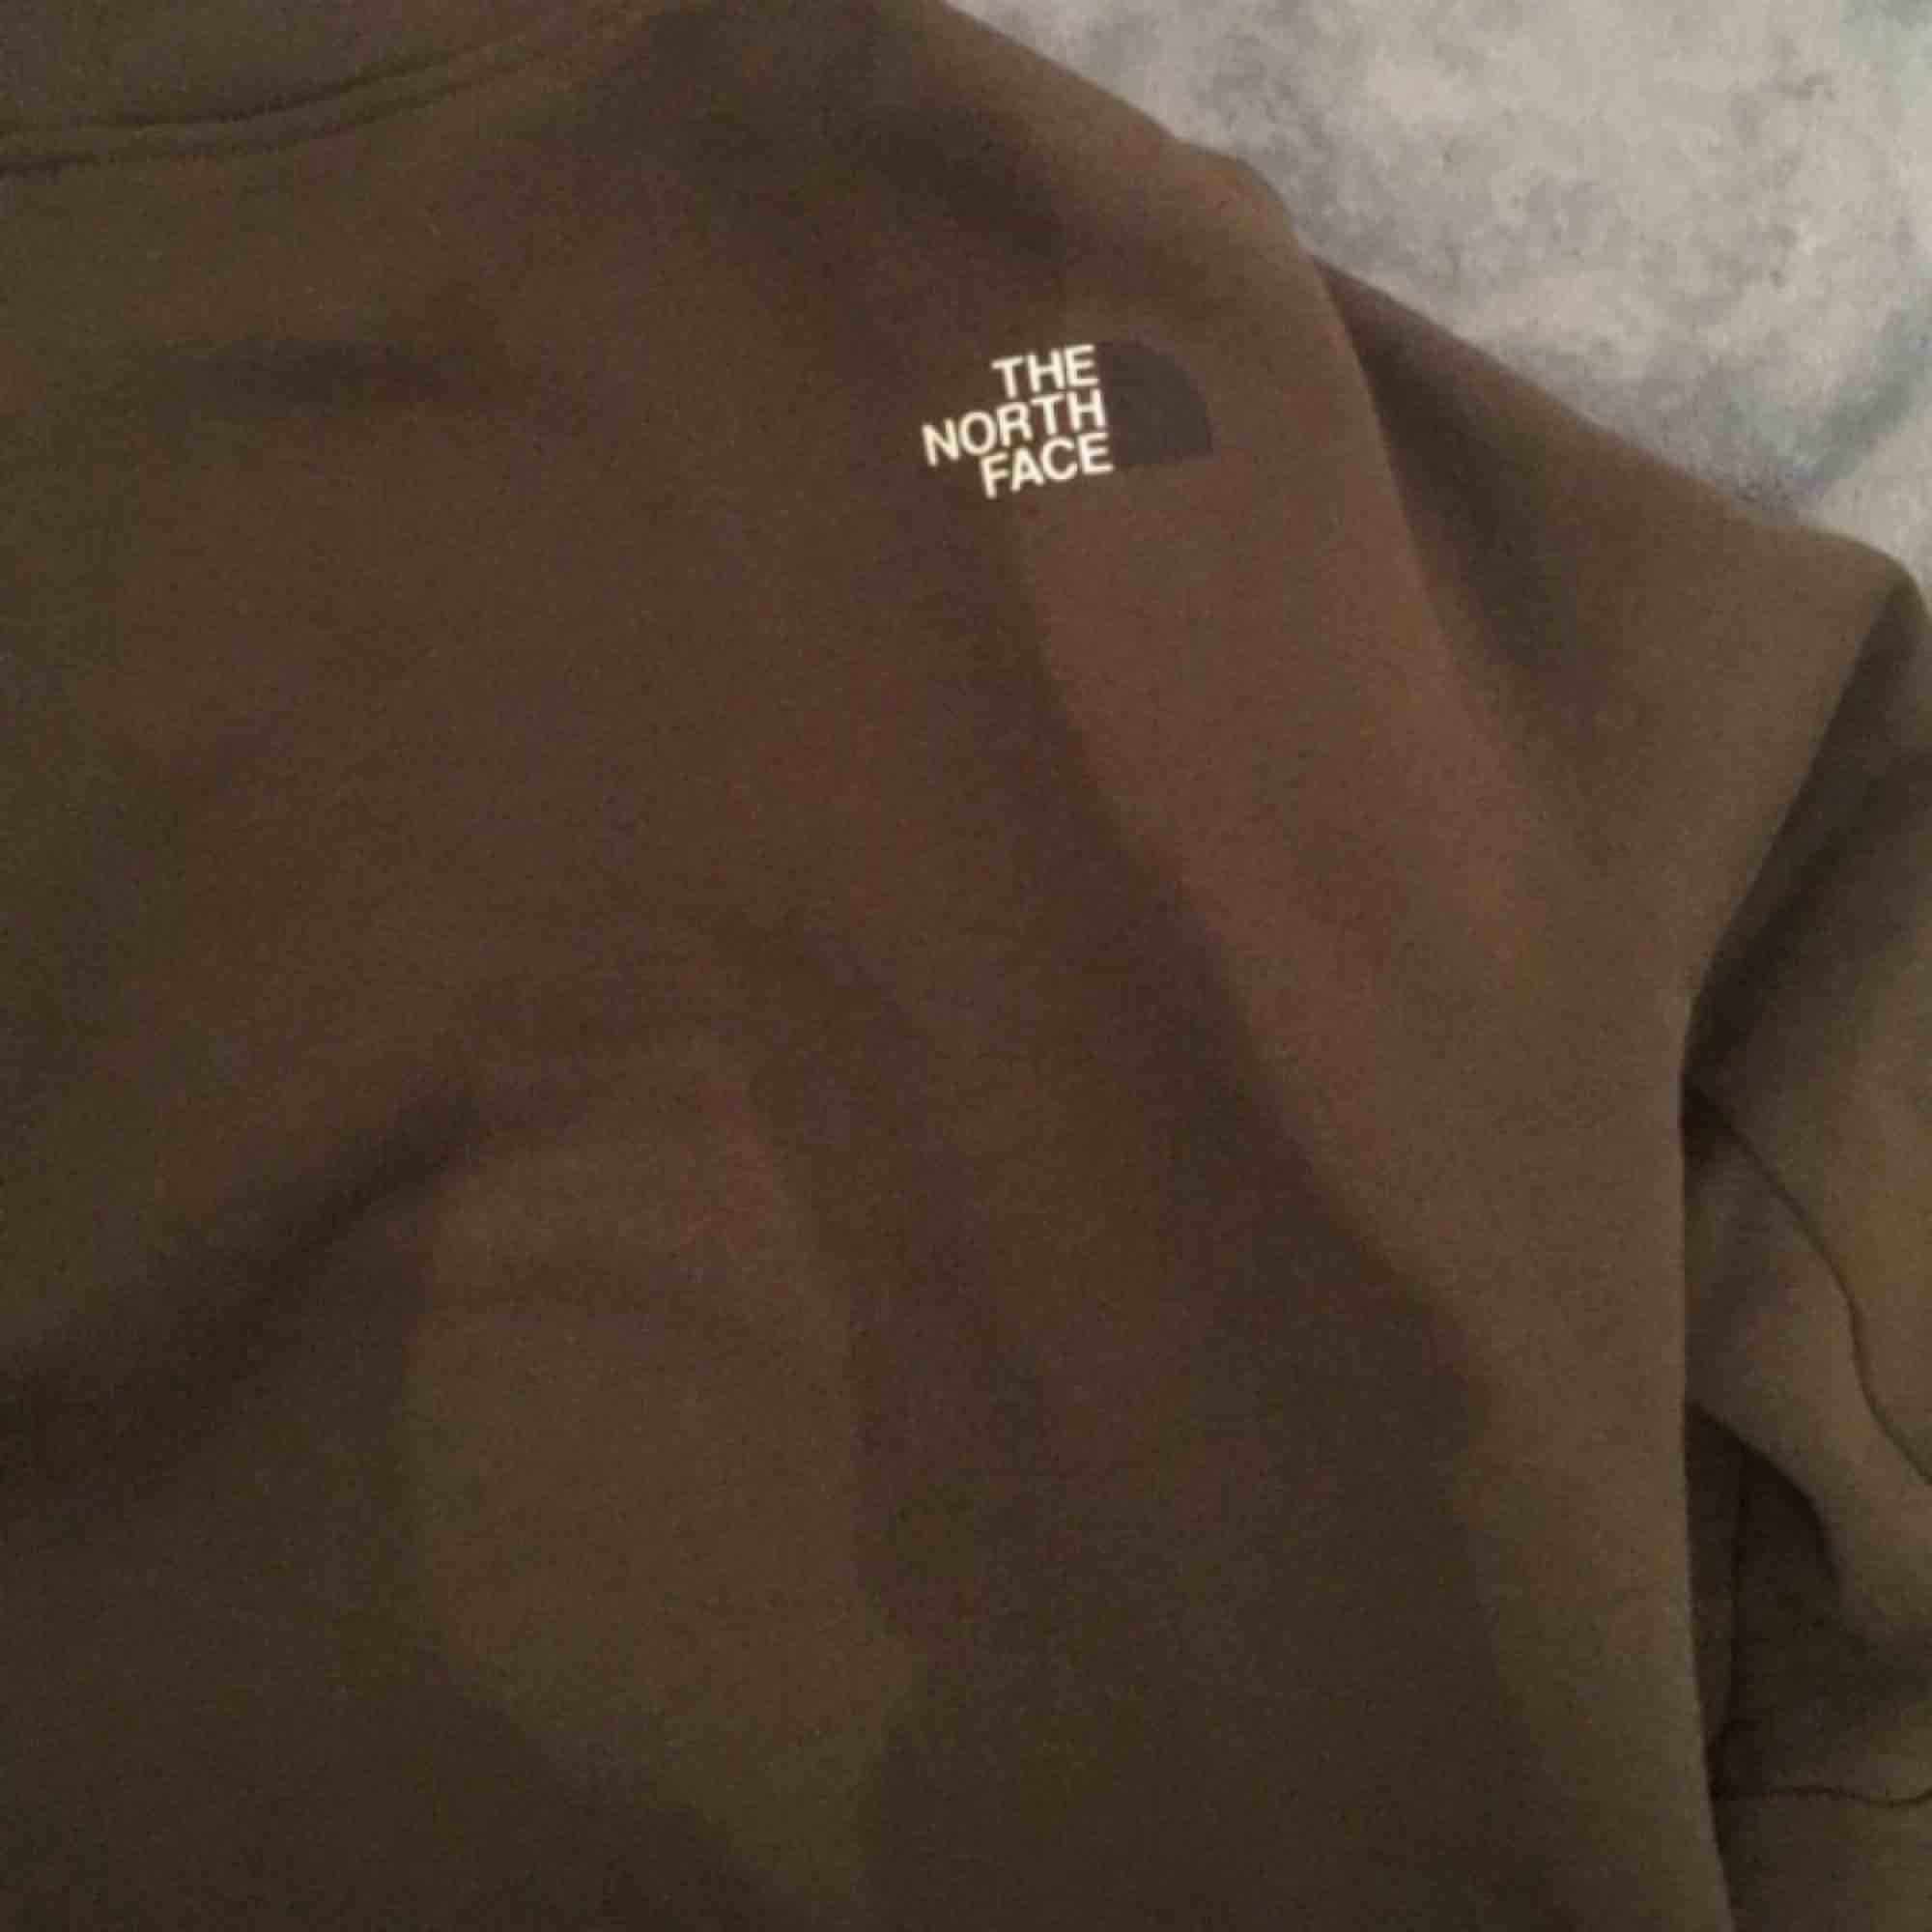 North face hoodie strl s. Köpt från Jd för 800 använd max 1-2 gånger. Inte alls tvättat. . Tröjor & Koftor.